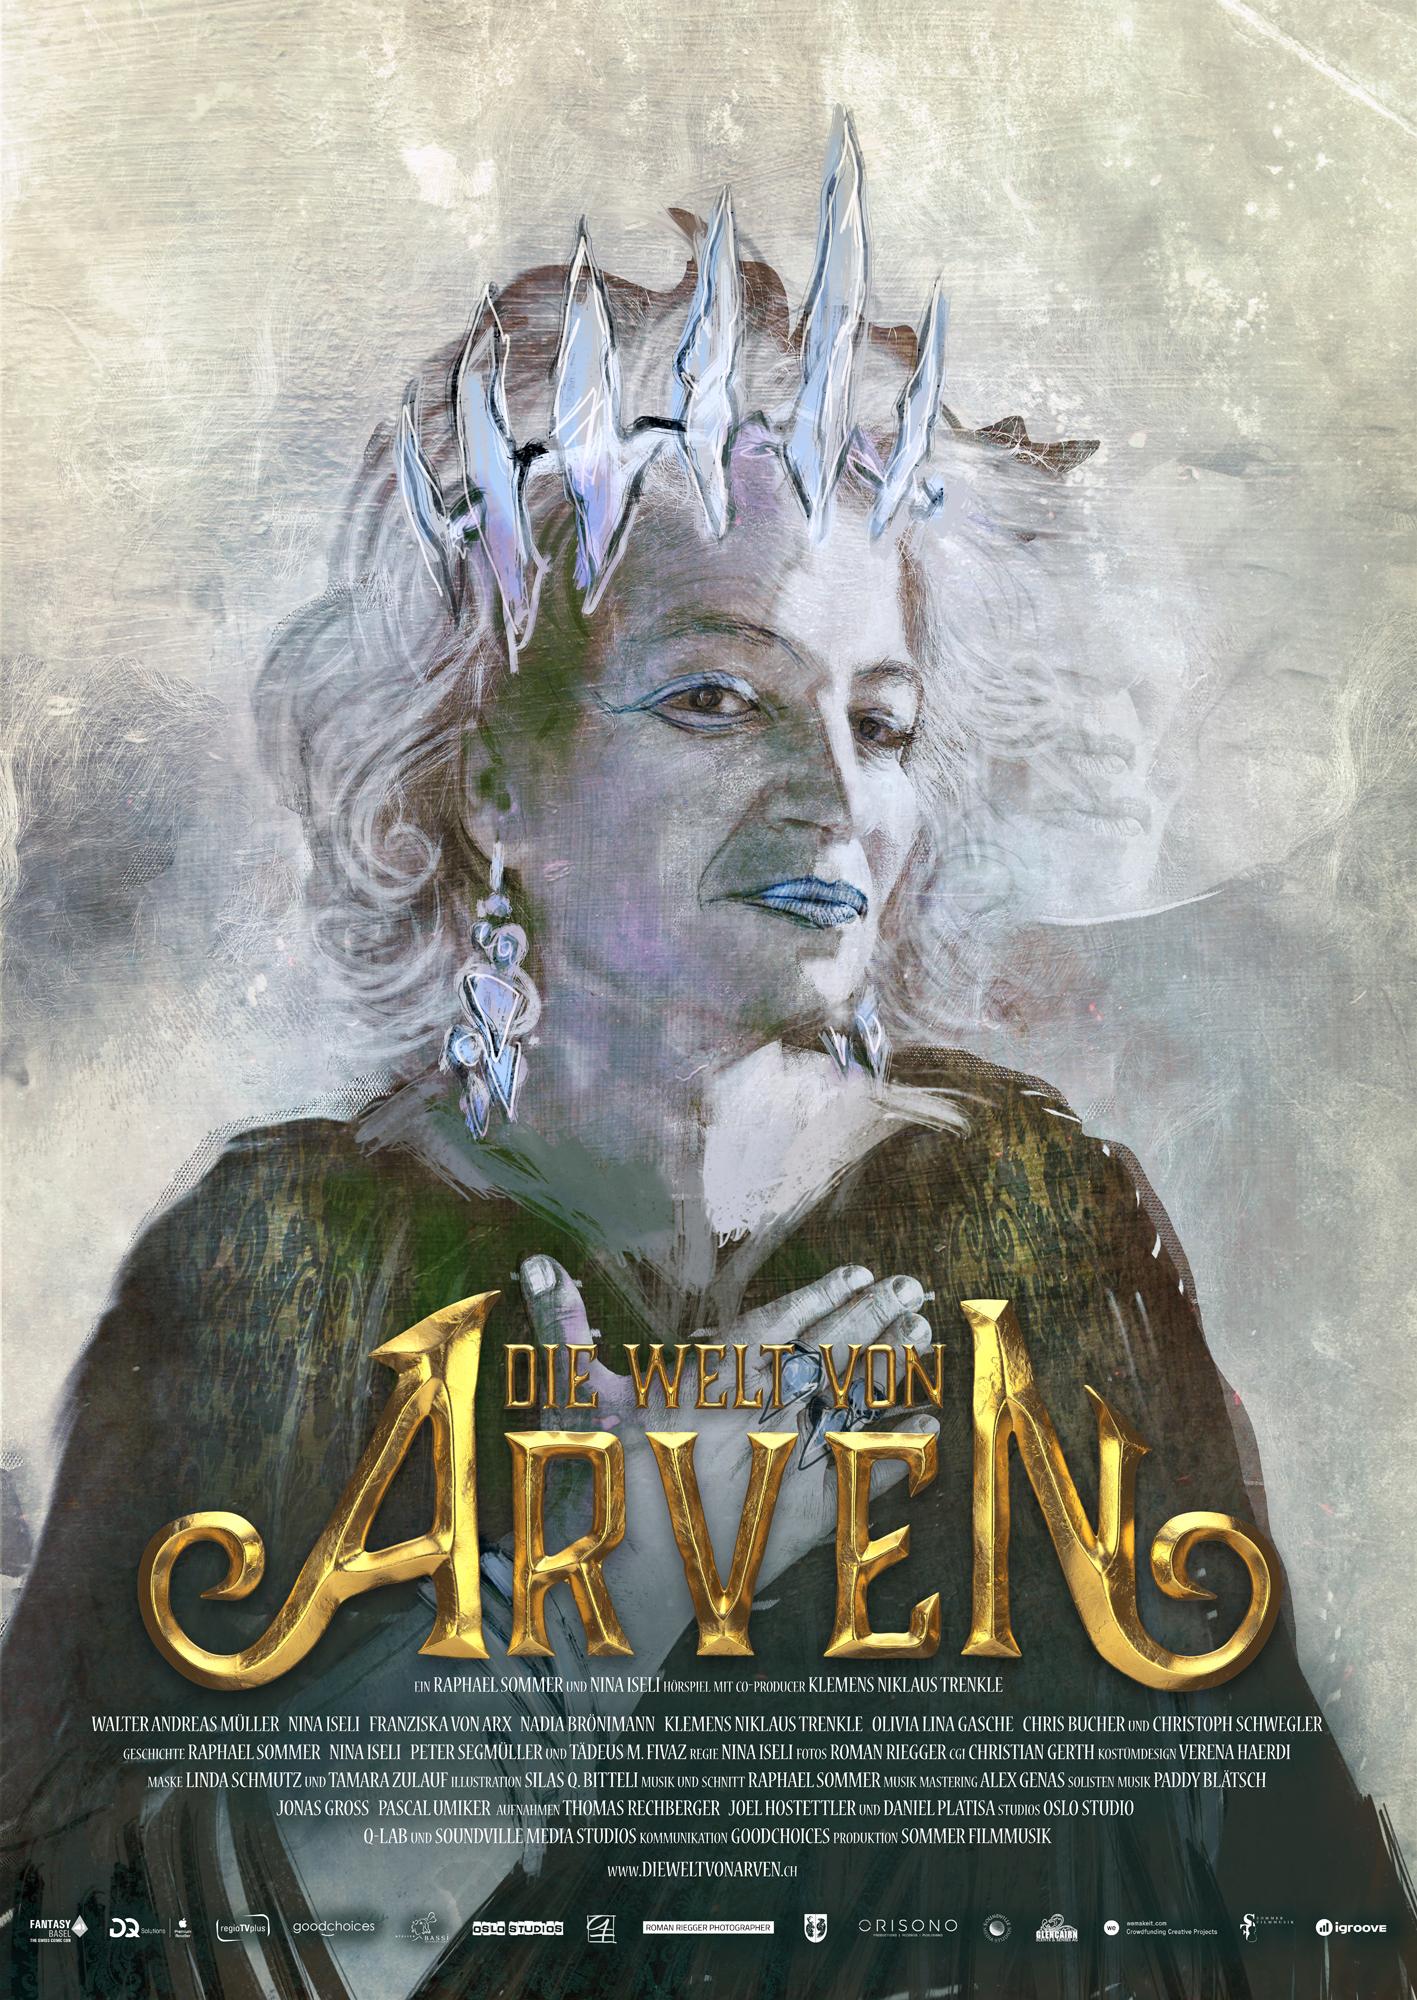 Die Welt von Arven - Das Schwert der Ahnen - E-Book Alika-Poster - Franziska von Arx